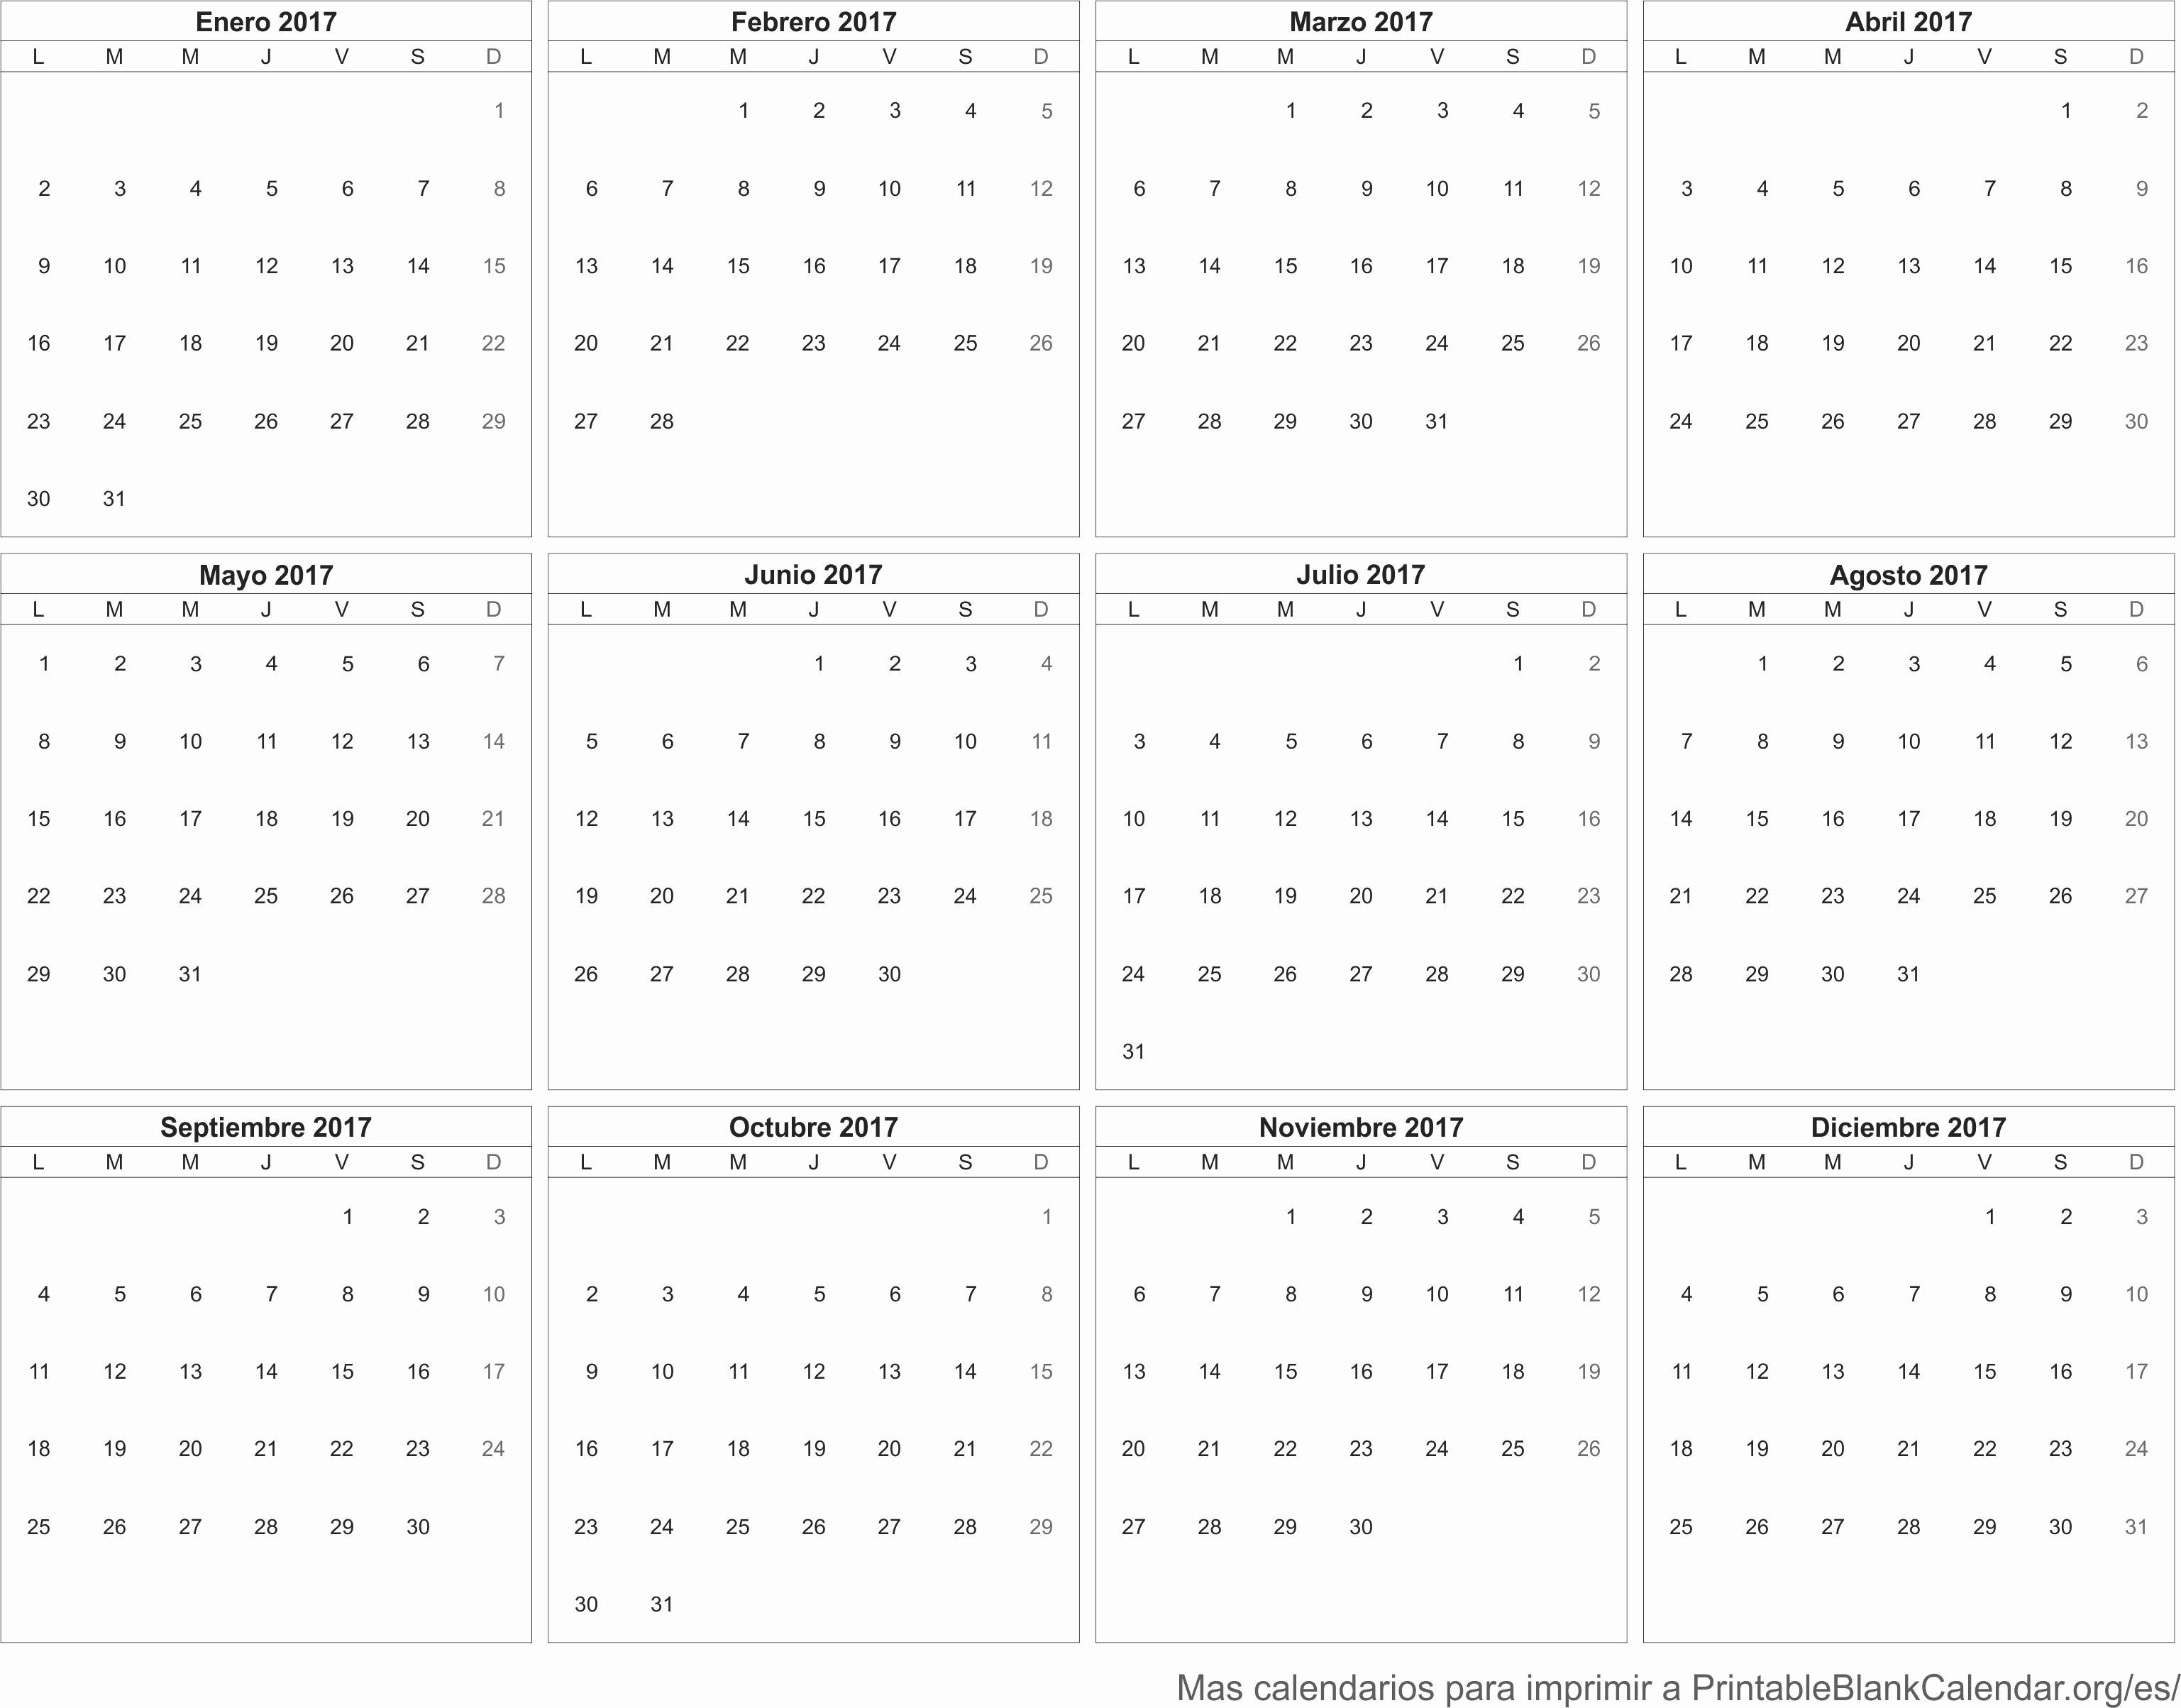 Calendario Anual 2017 Para Imprimir Best Of 2017 Calendario Para Imprimir Calendarios Para Imprimir